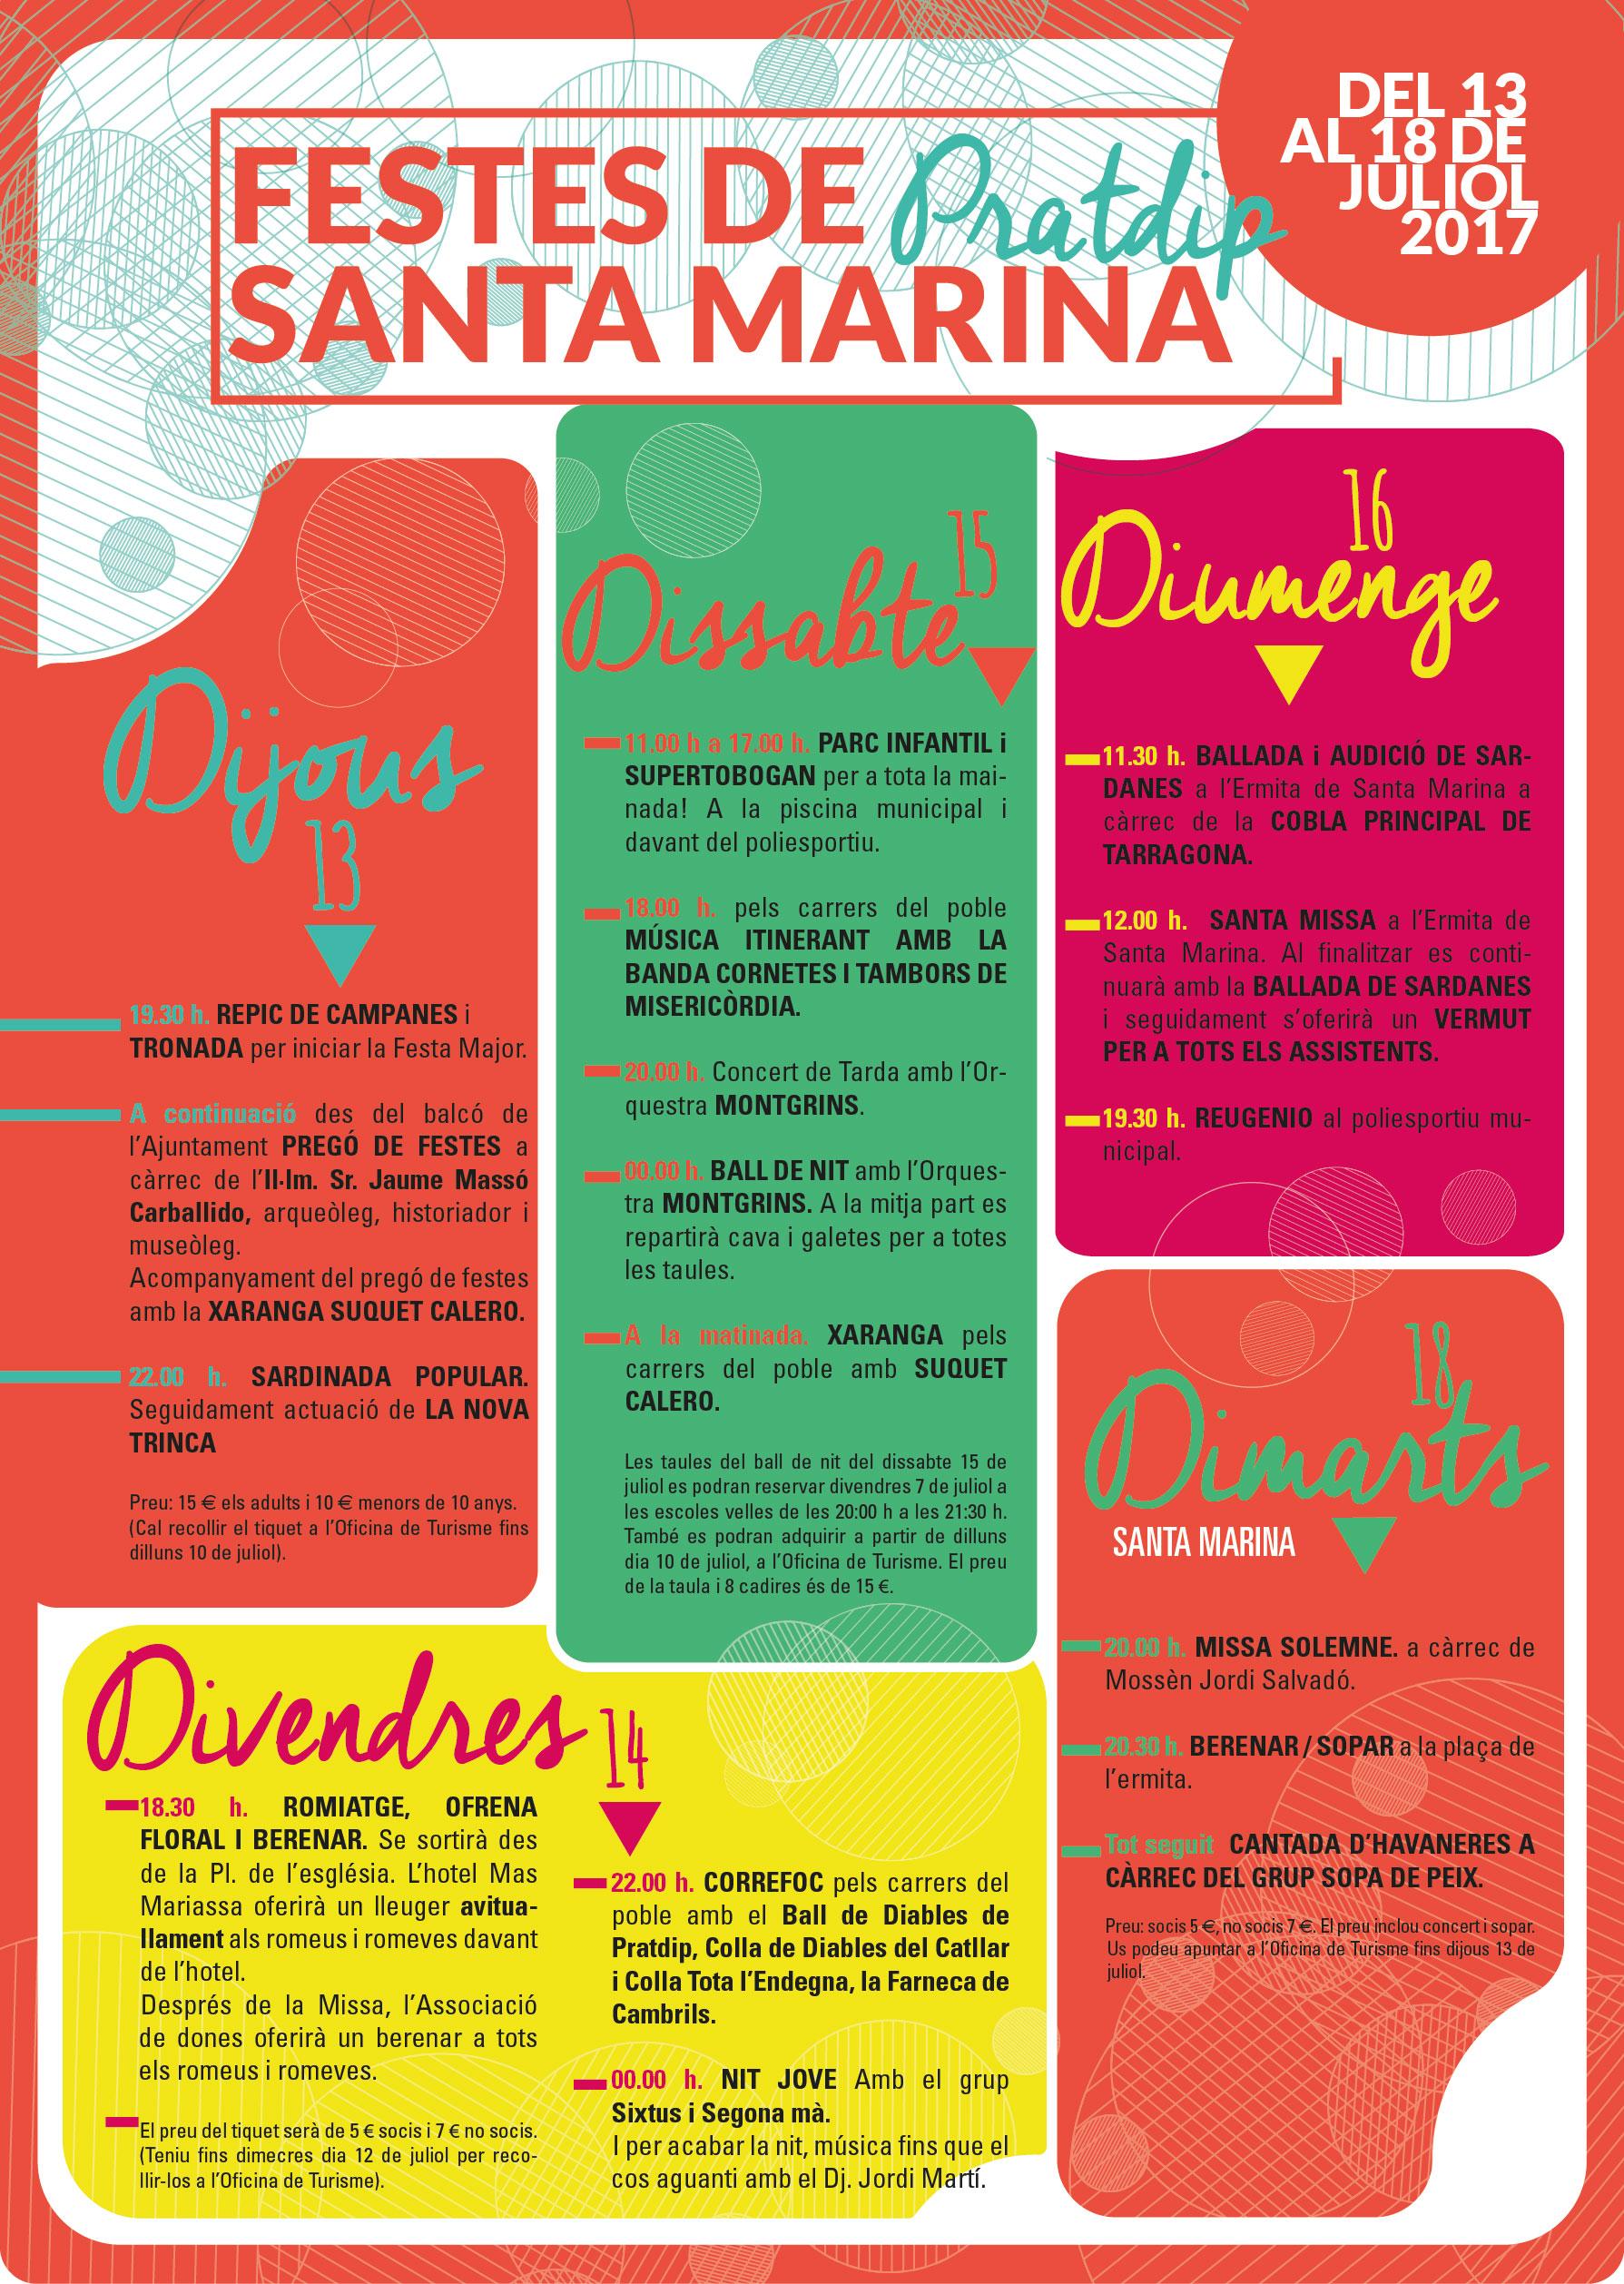 Fiestas de Santa Marina en Pratdip